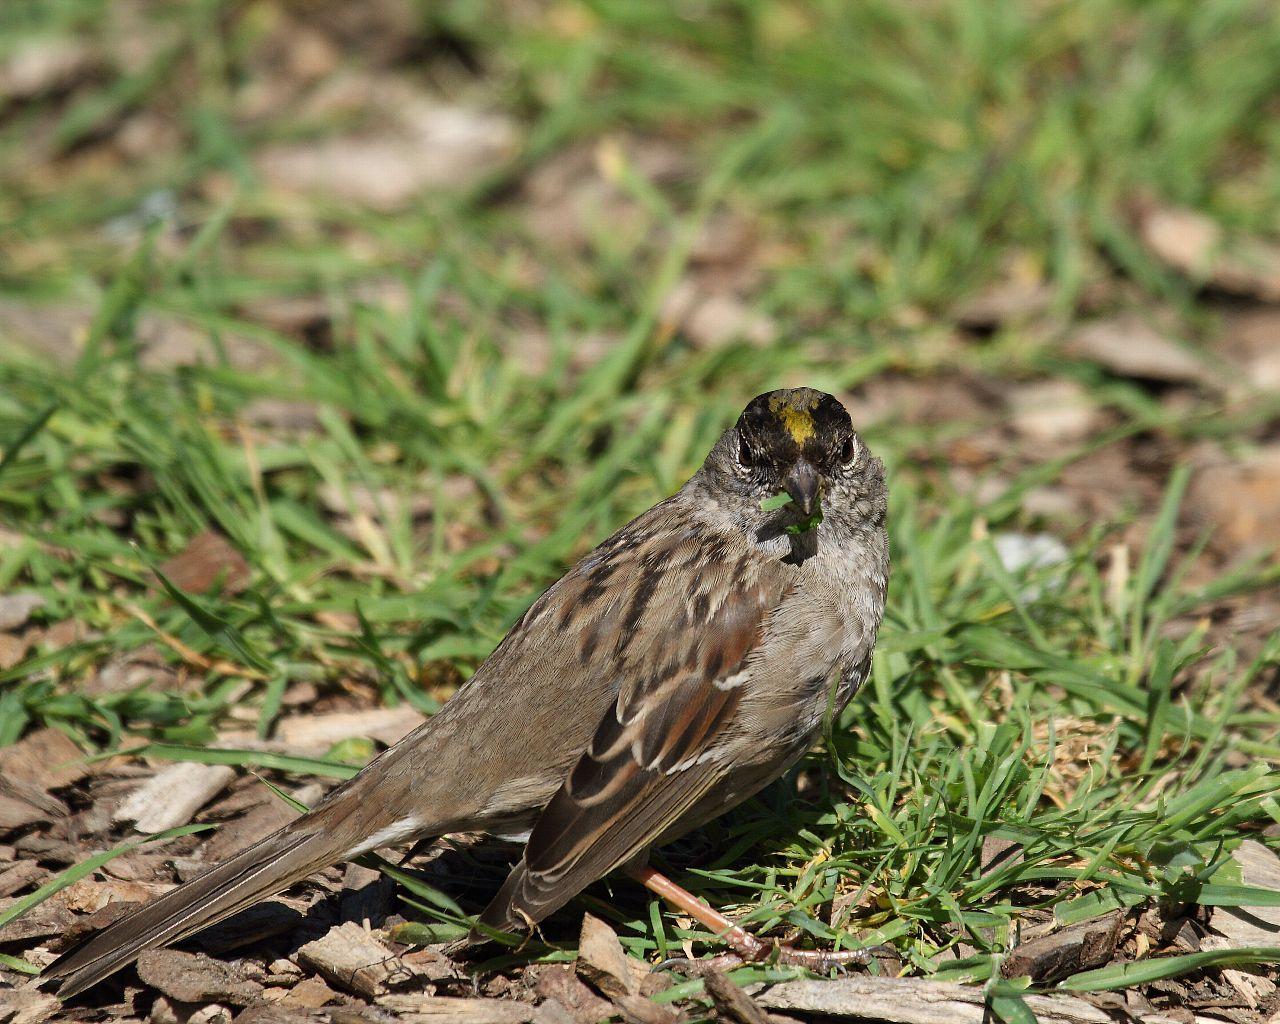 珍鳥のキガシラシトド、今年は3箇所で撮影!_f0105570_21213420.jpg